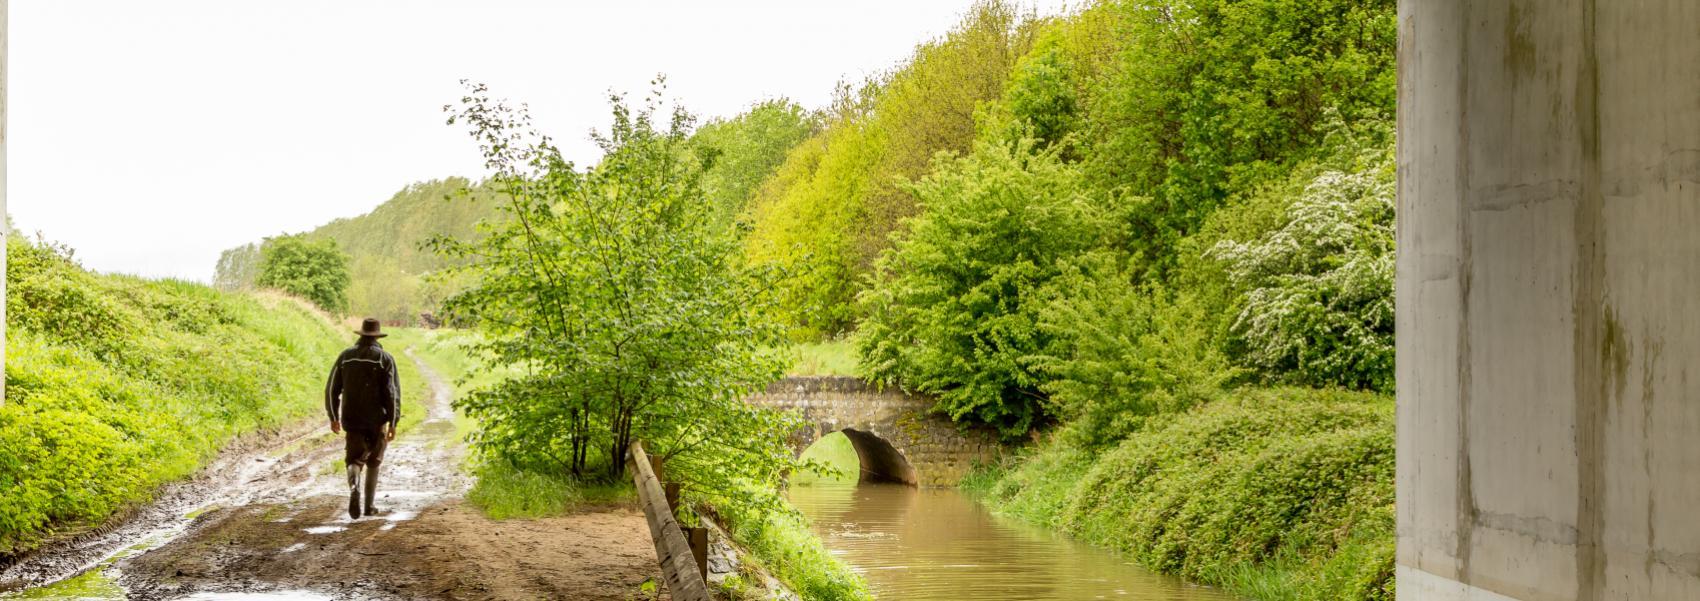 wandelaar onder de brug